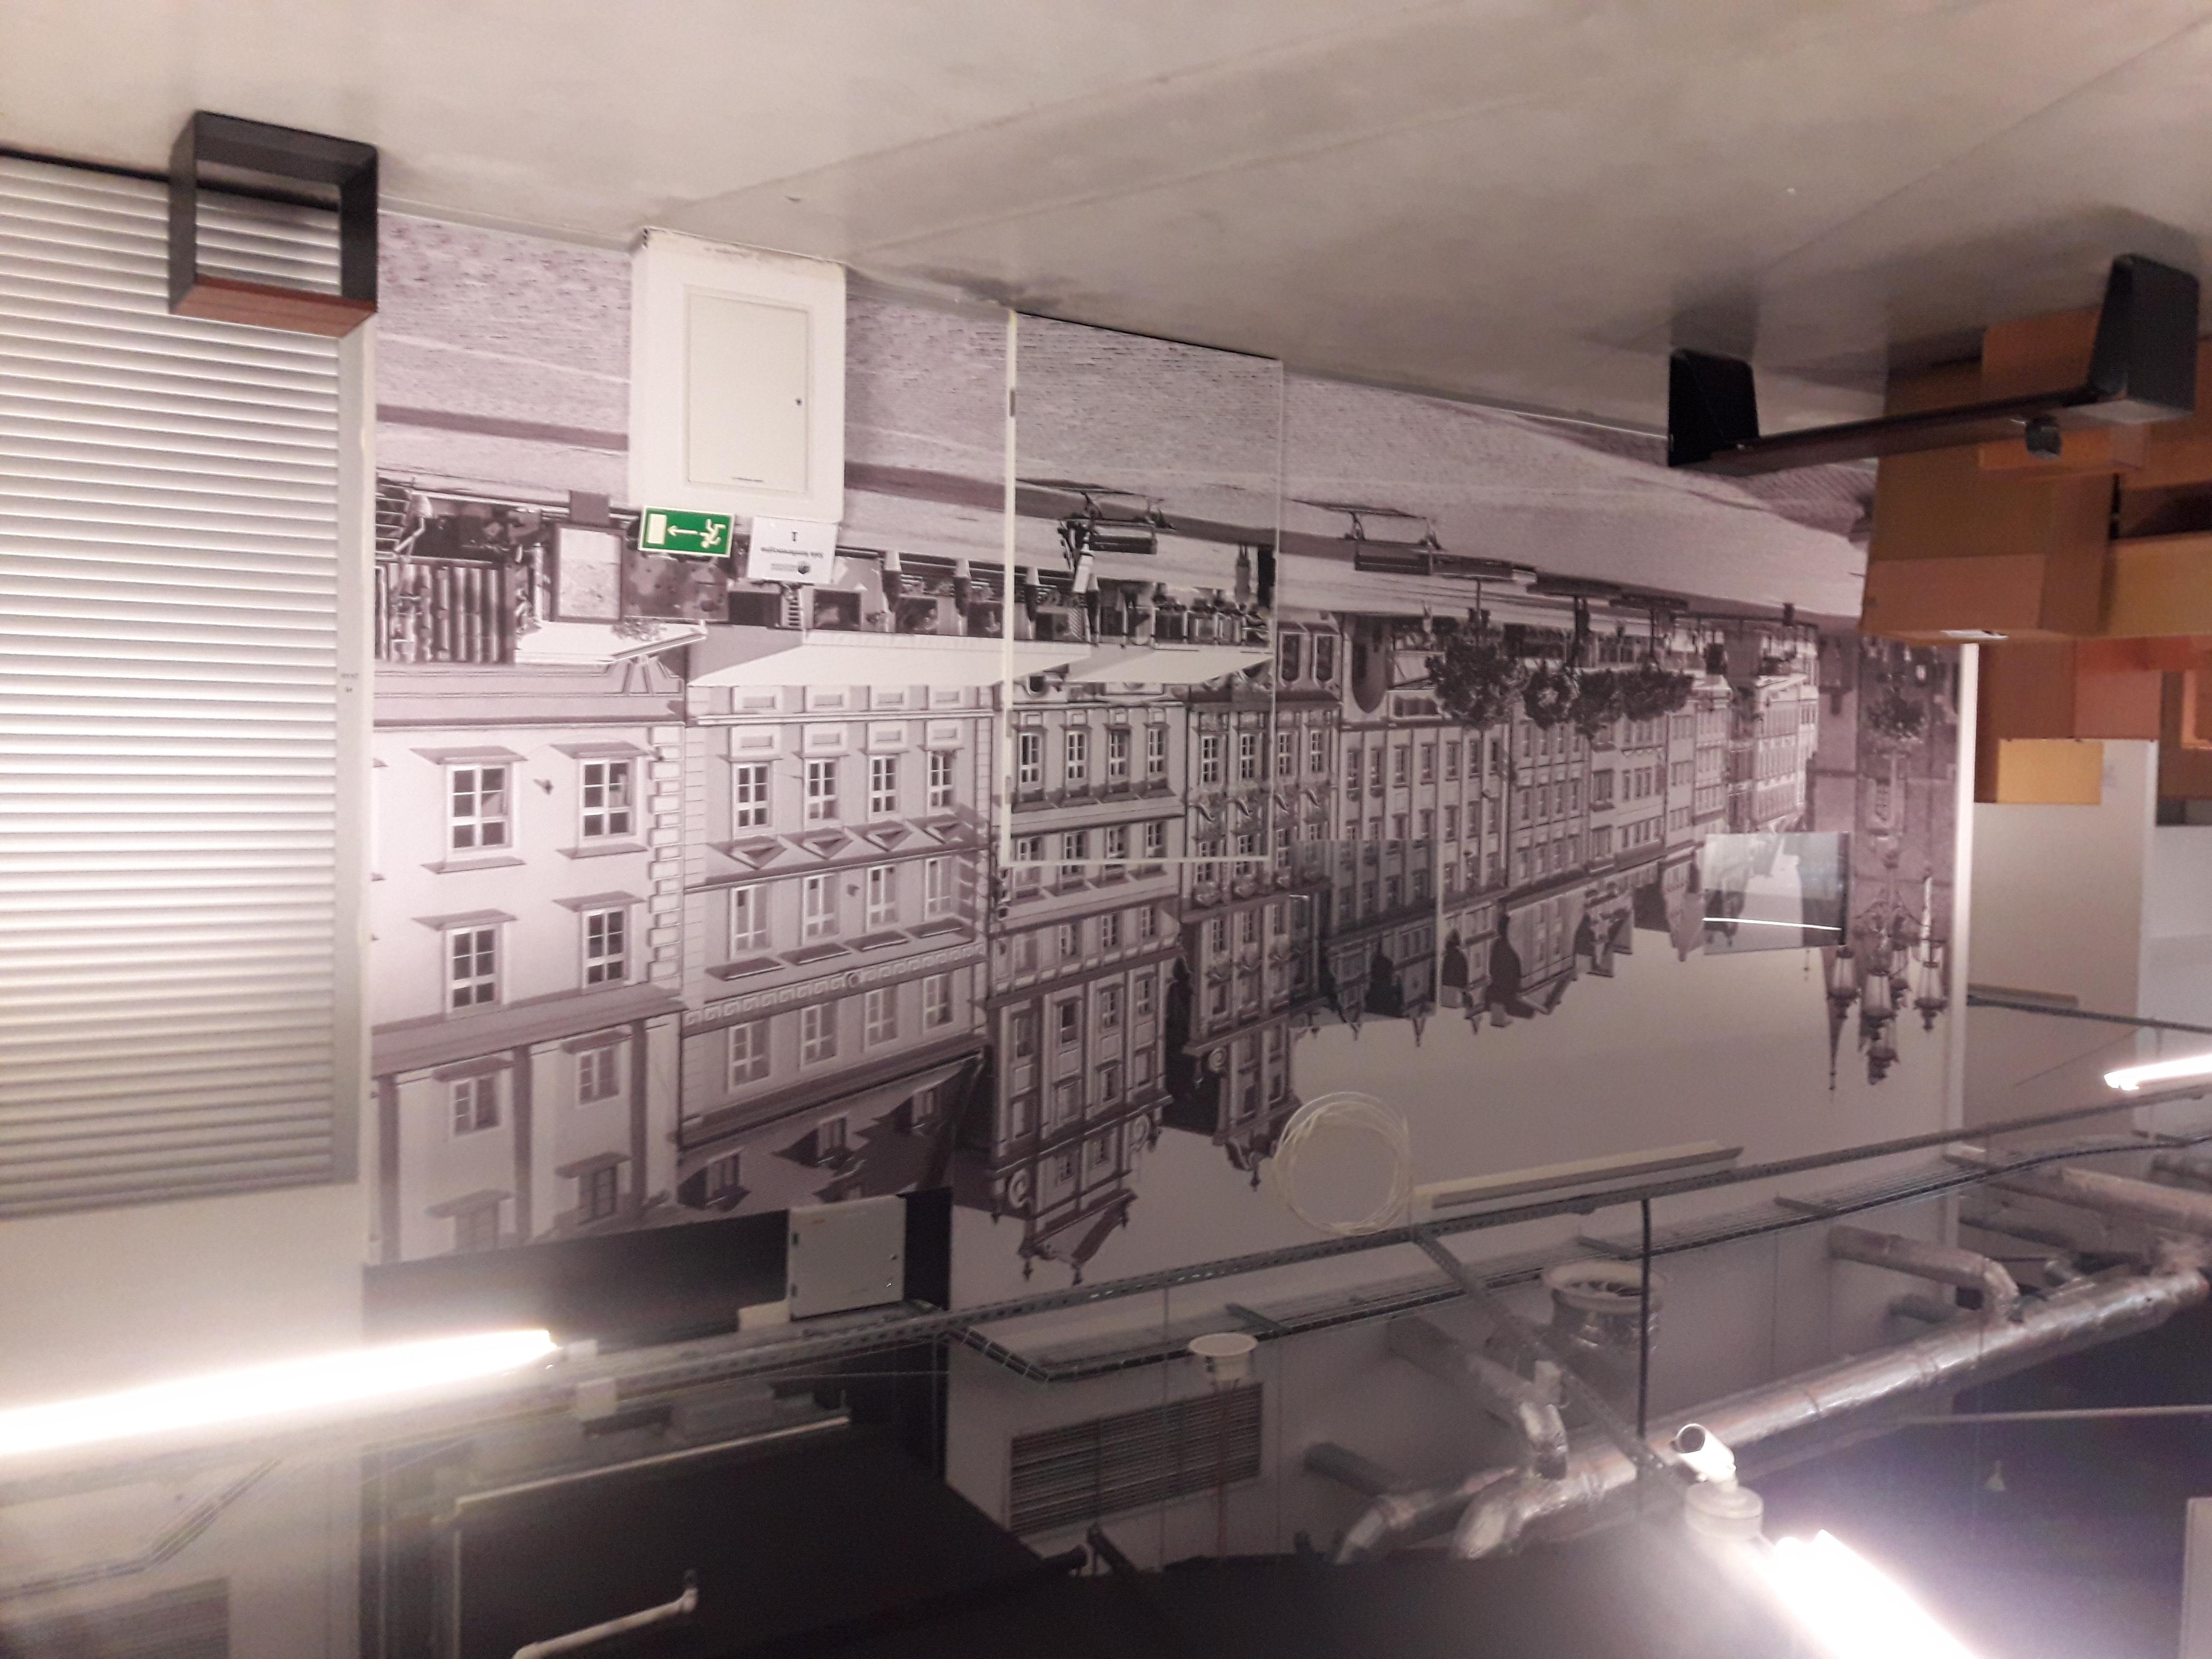 realizacja-fototapety-dla-wroclawskie-mieszkania4.jpg